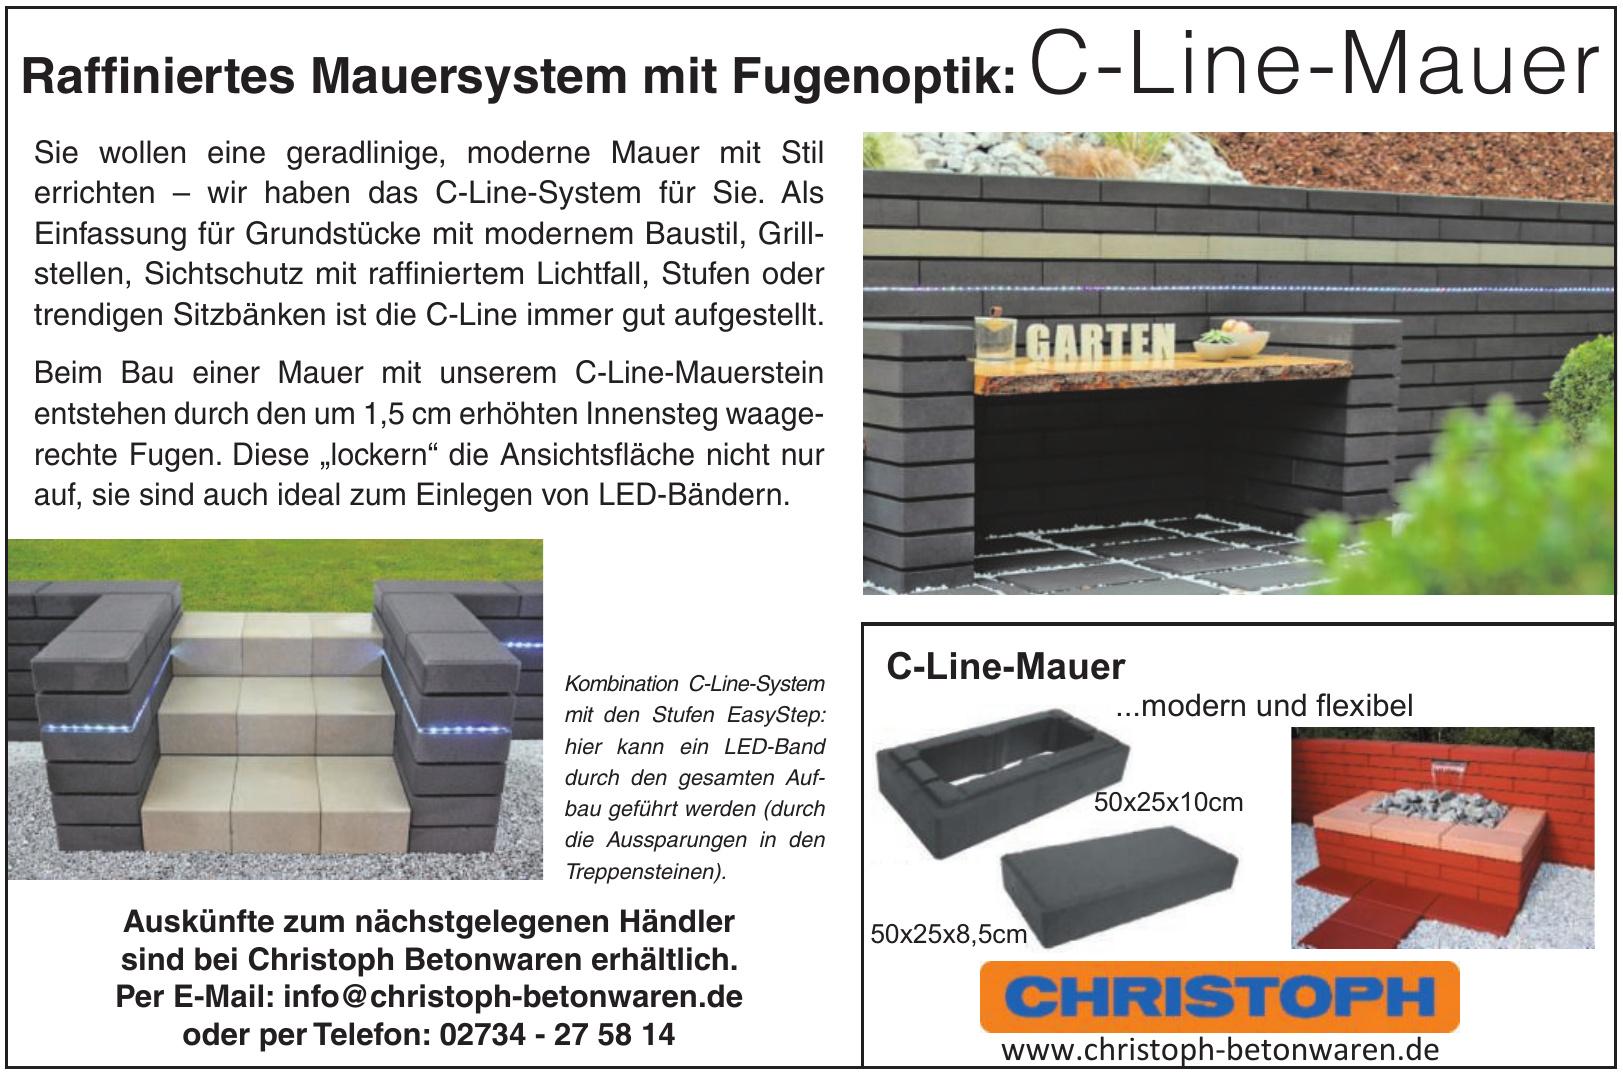 Christoph Betonwaren